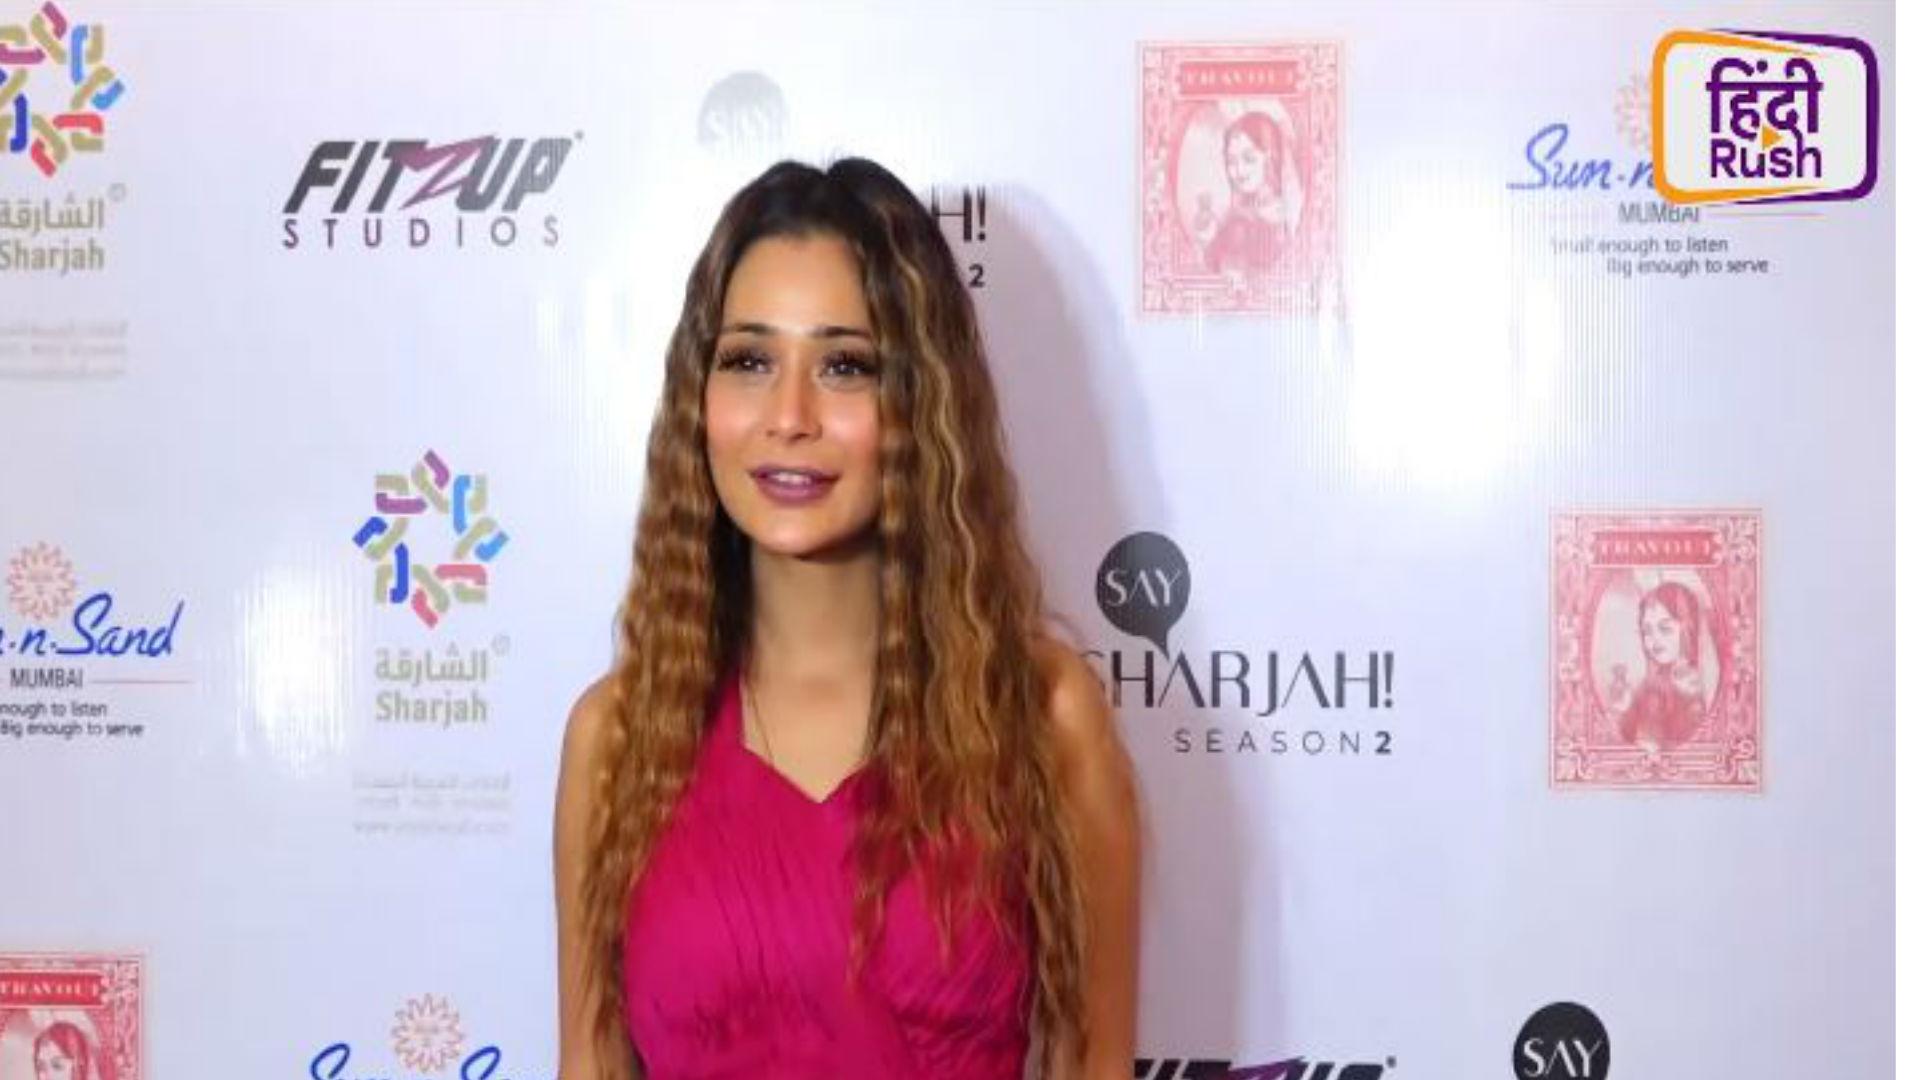 एक्सक्लूसिव: सारा खान ने वेडिंग प्लानिंग-मदरहुड एक्सपीरियंस को लेकर दिया ये बयान, जानकर हो जाएंगे दंग